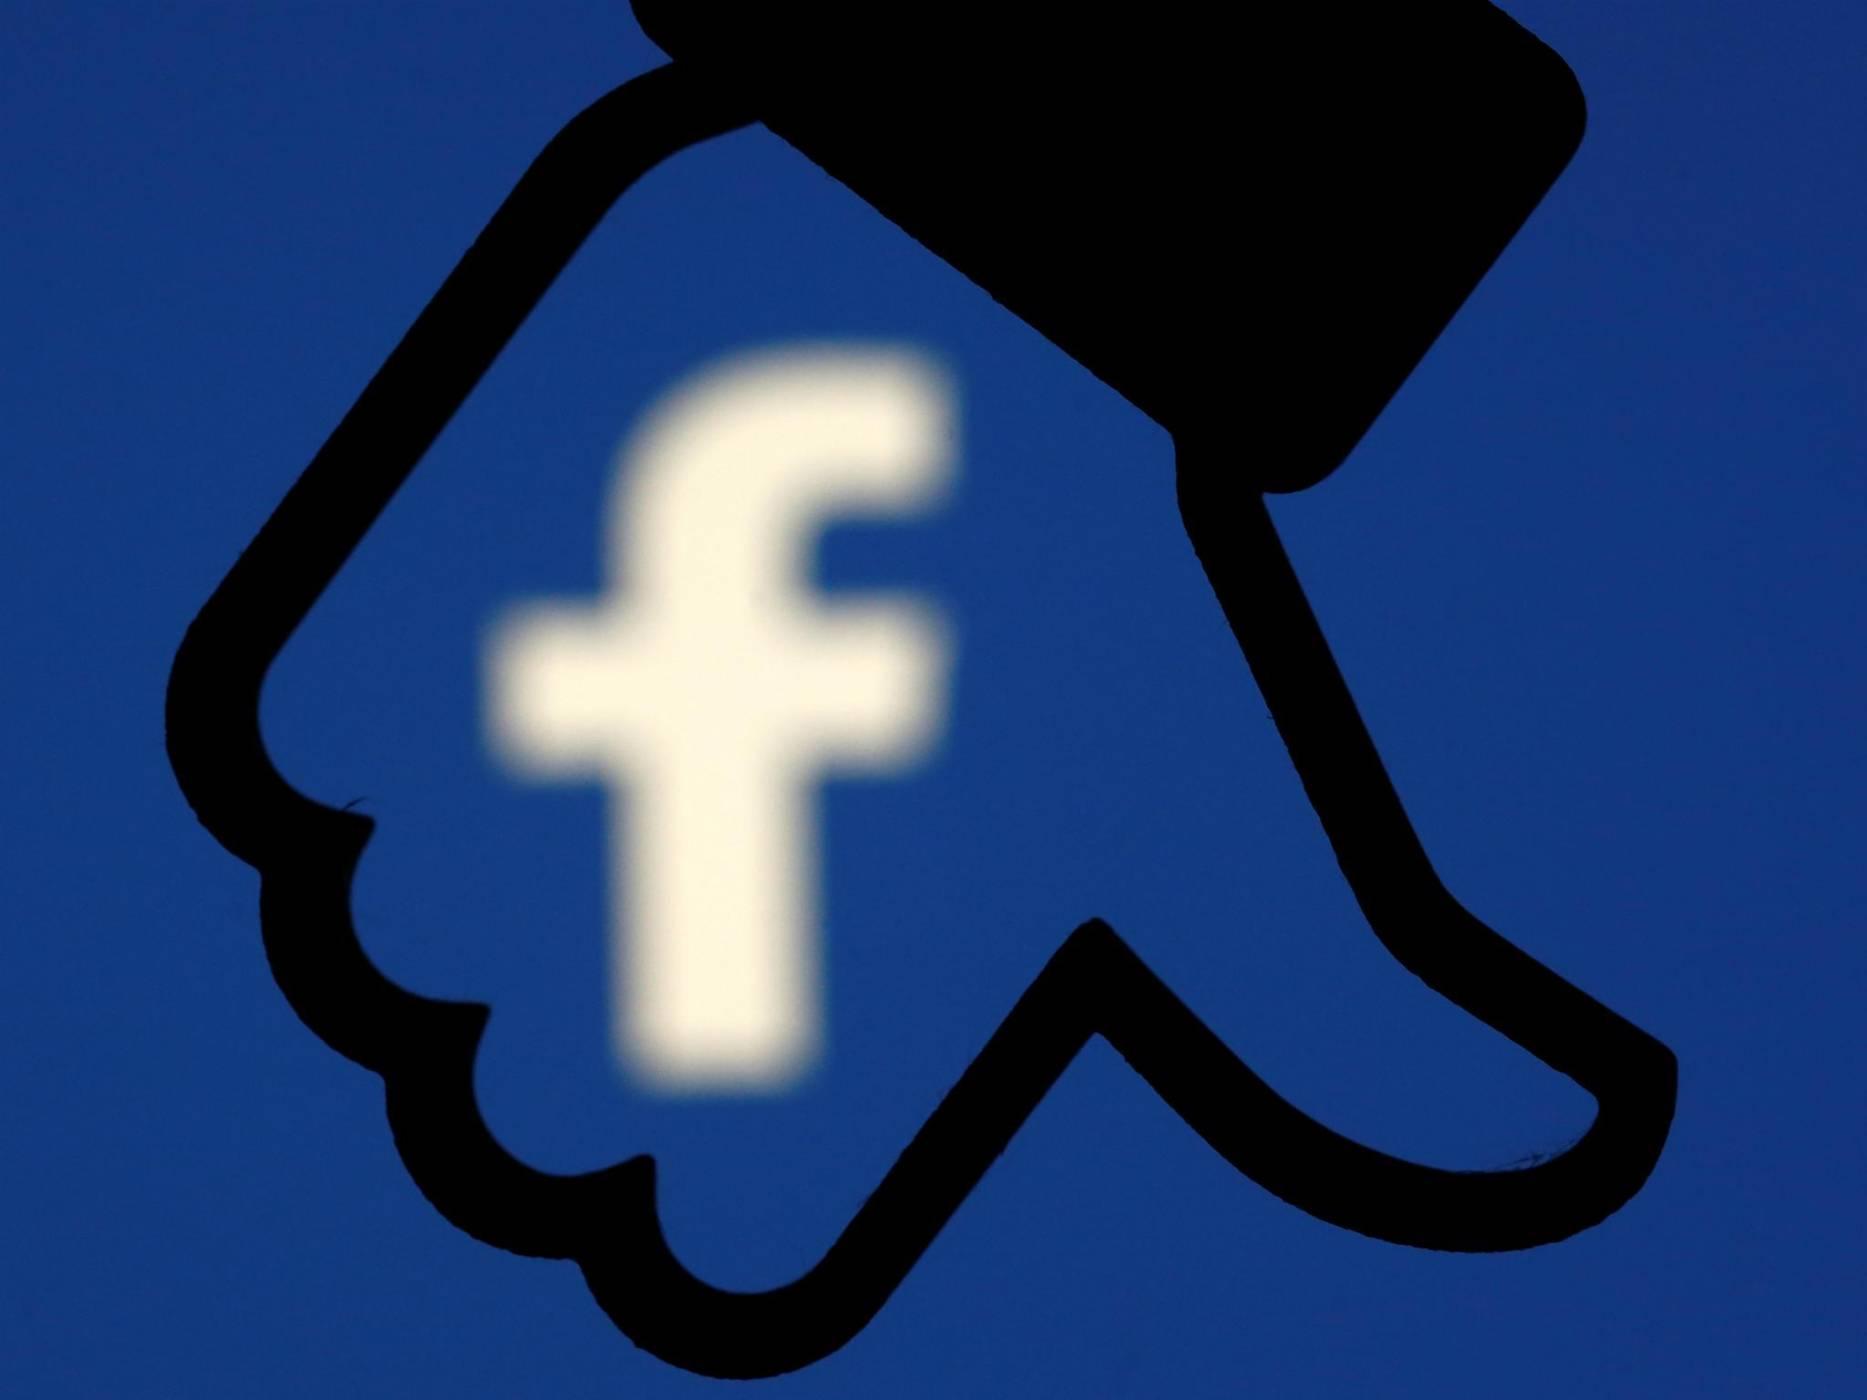 Бъг във Facebook е компрометирал личните данни на 6,8 млн. потребители